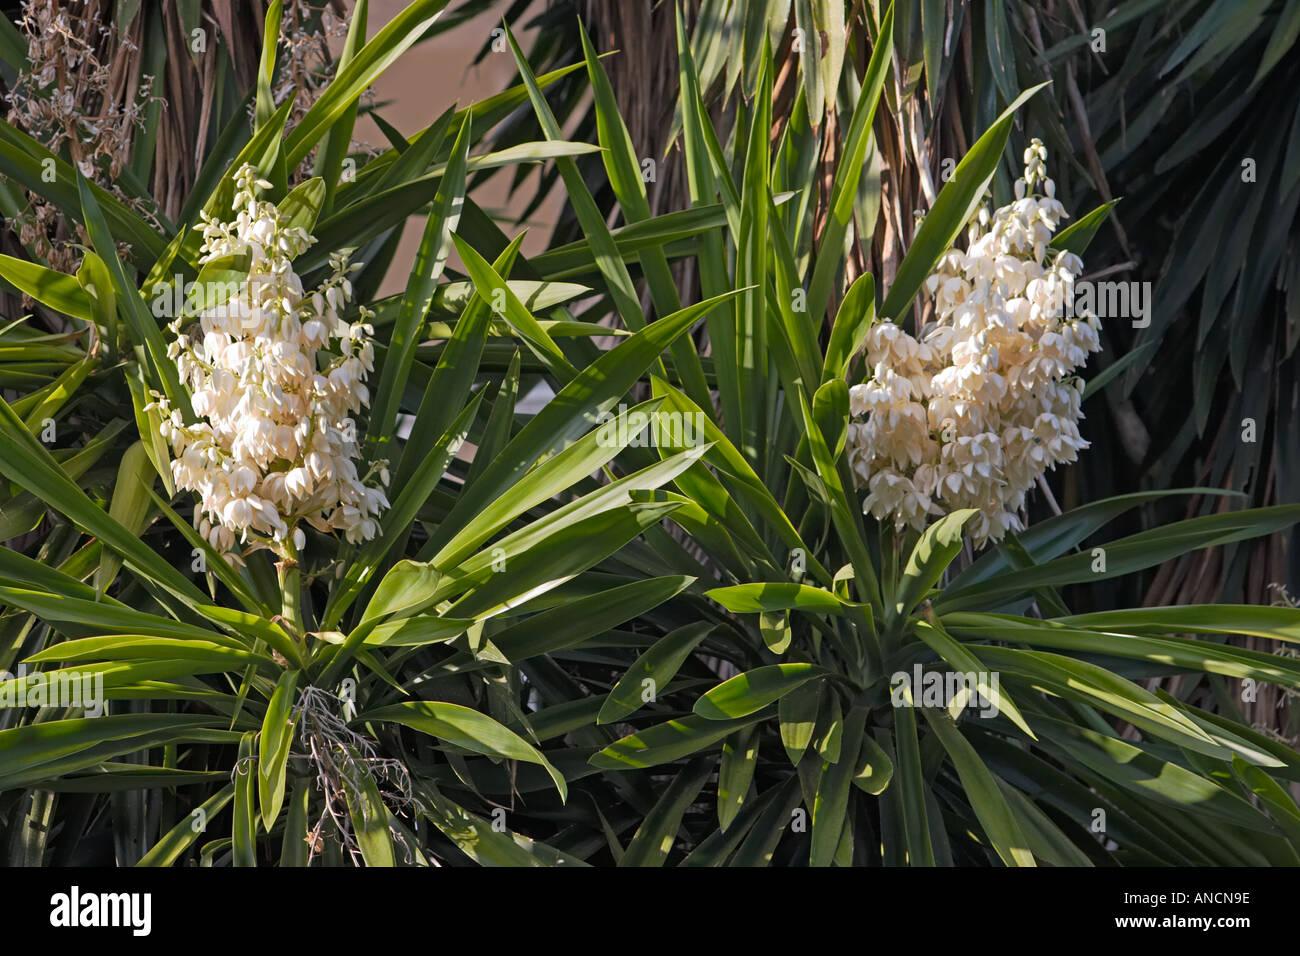 White Yucca Blossom Close Up Stock Photos White Yucca Blossom